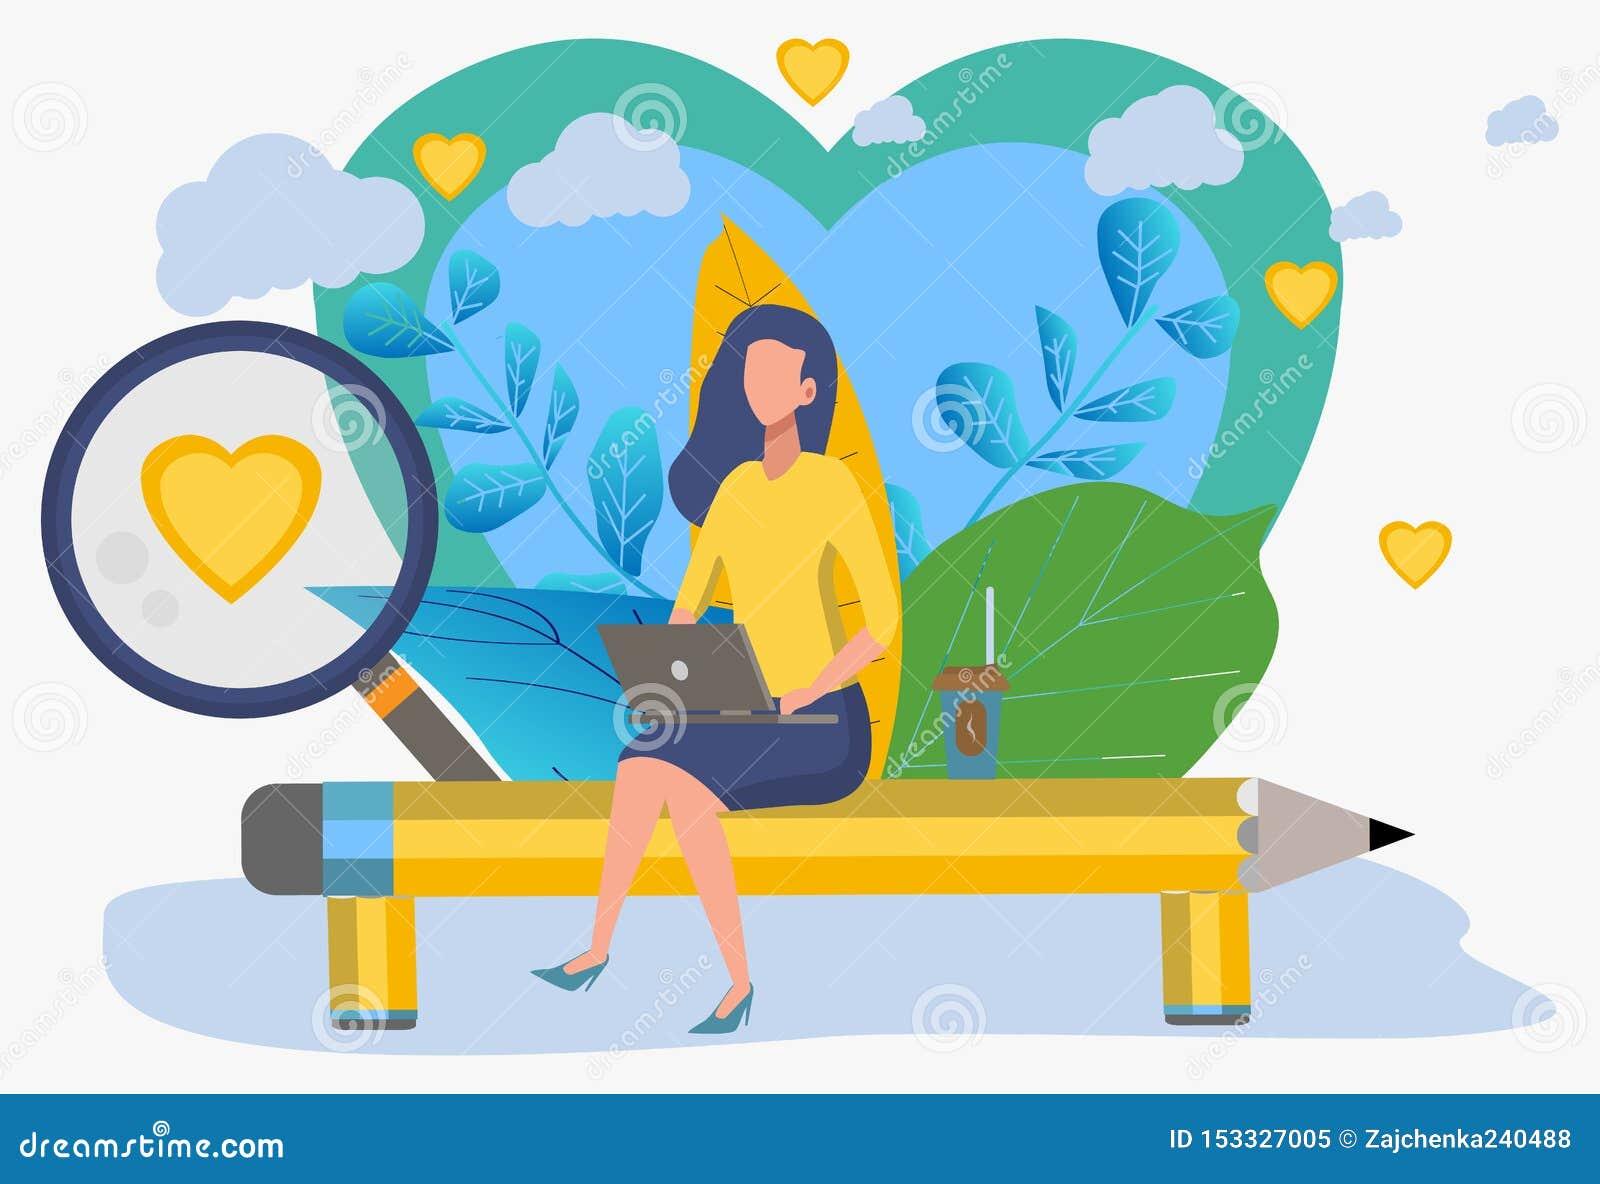 Sitio web de la reuni?n Búsqueda para un par La muchacha está buscando a un individuo Comunicación a través de las redes sociales